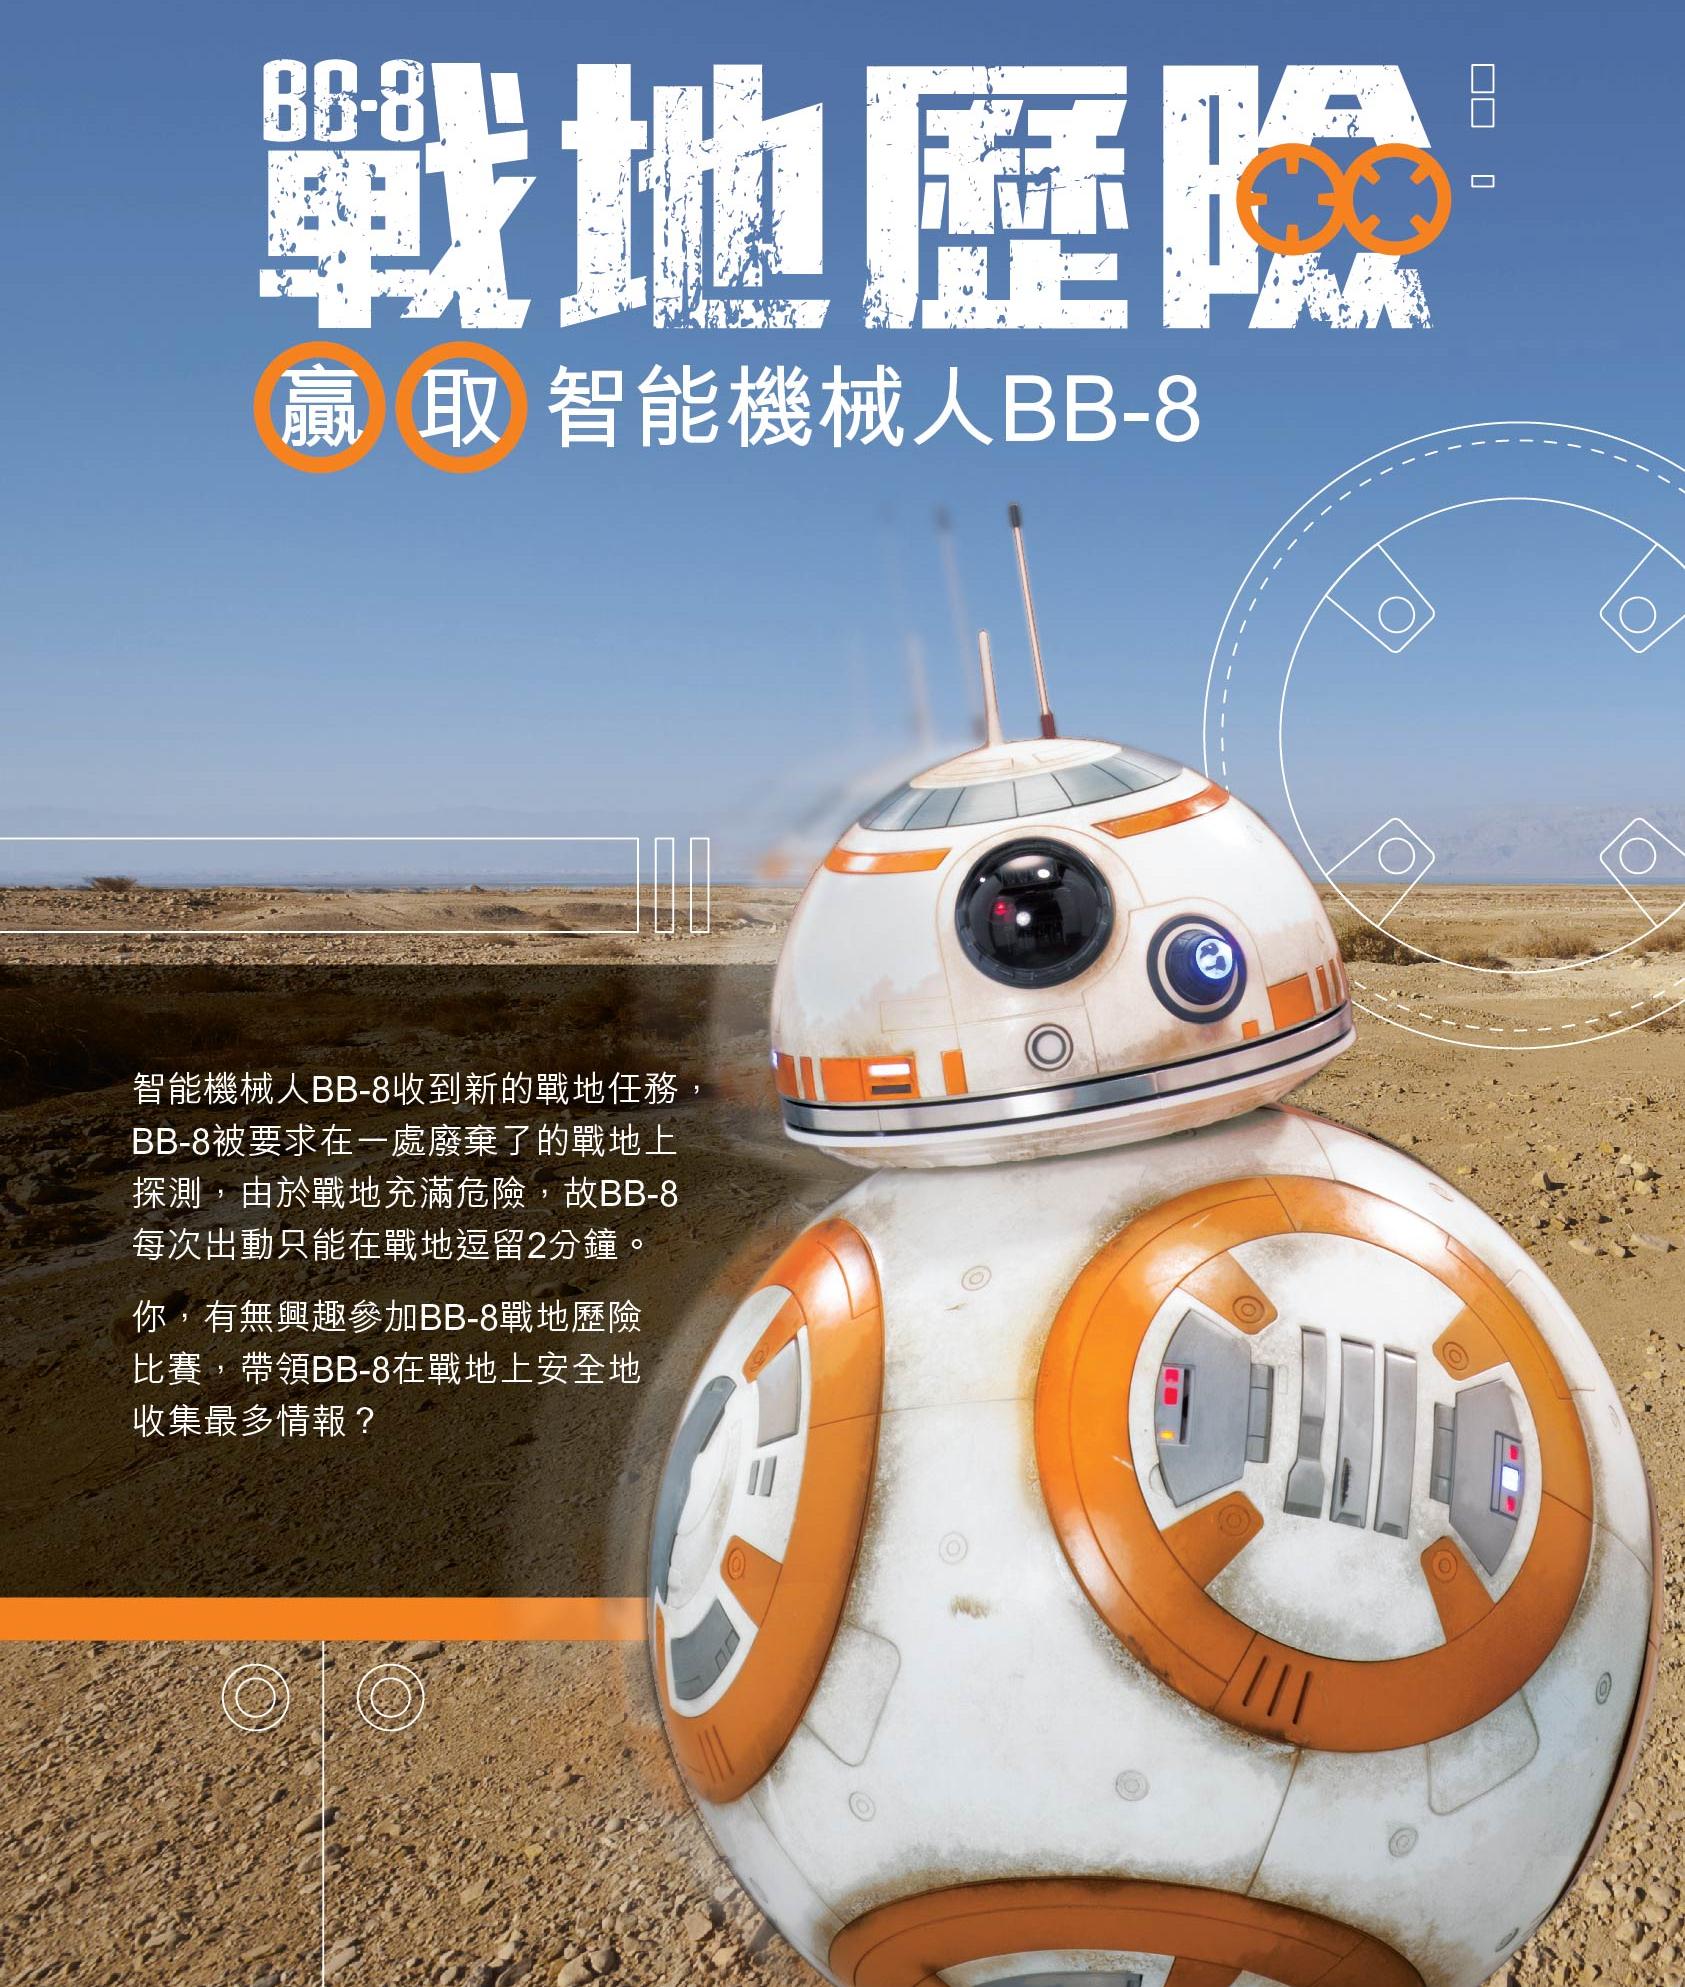 Life 的  【  戰地歷險-贏取智能機械人BB-8】  為一個帶領BB-8在戰地上跑圈的比賽,分初賽及決賽, 挑戰者可於每次初賽進行日期於Life店內即場免費報名參加,勝出挑戰者則會進行決賽,冠軍可得到【智能機械人BB-8】一個,而每名參加選手均可獲贈Life 購物禮劵一張